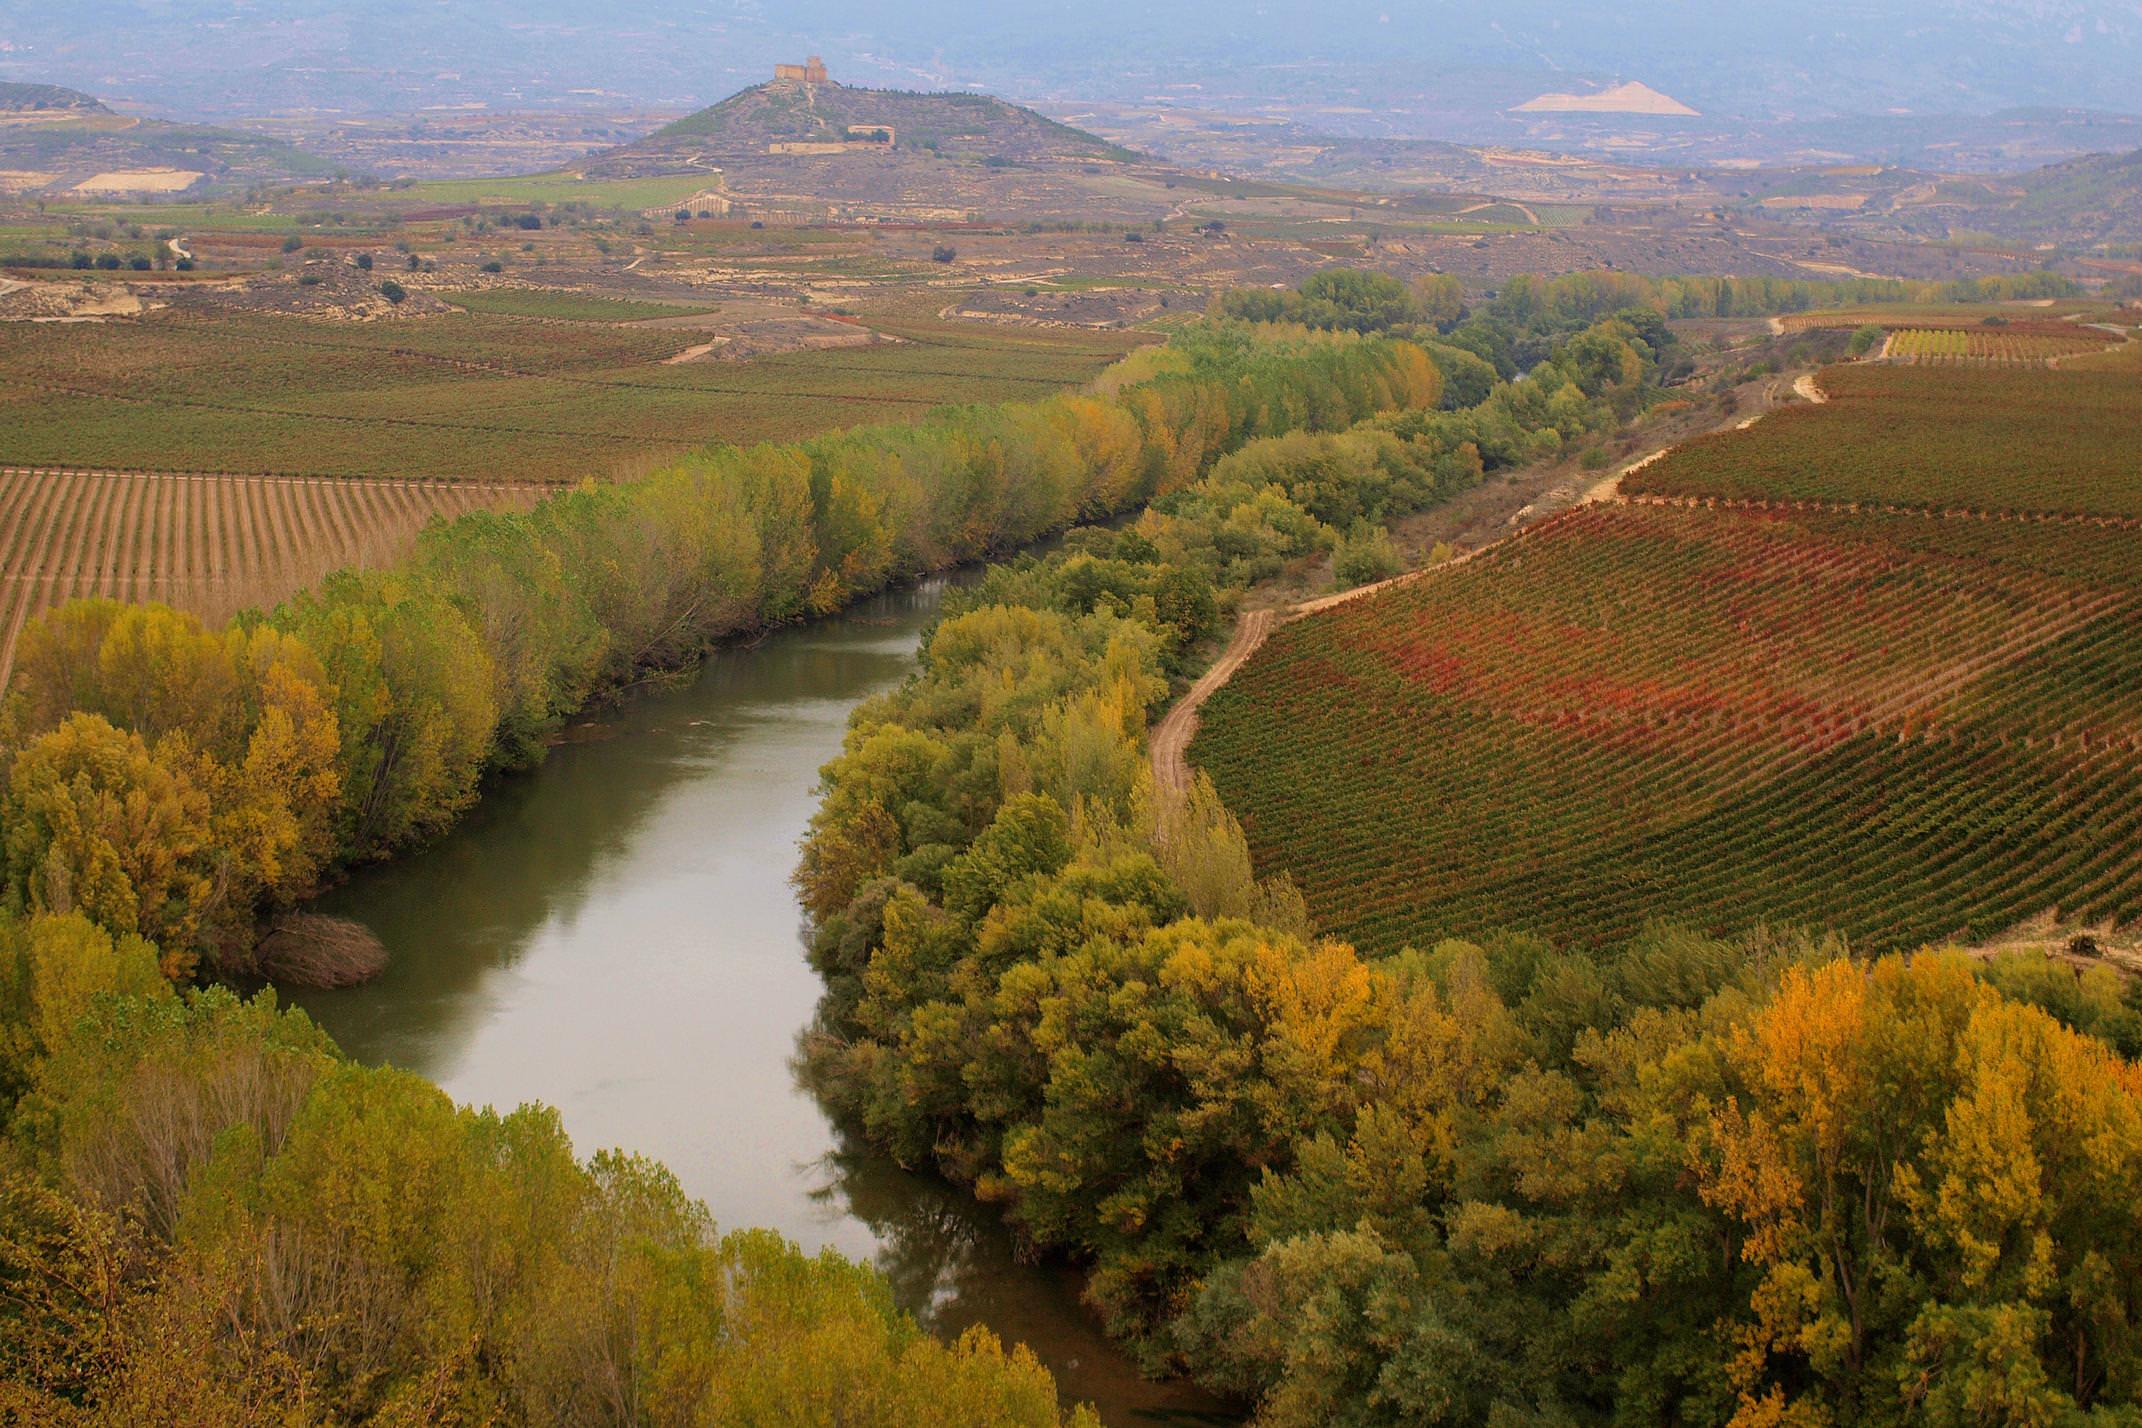 Spain rioja davalillo autumn c nanisub2